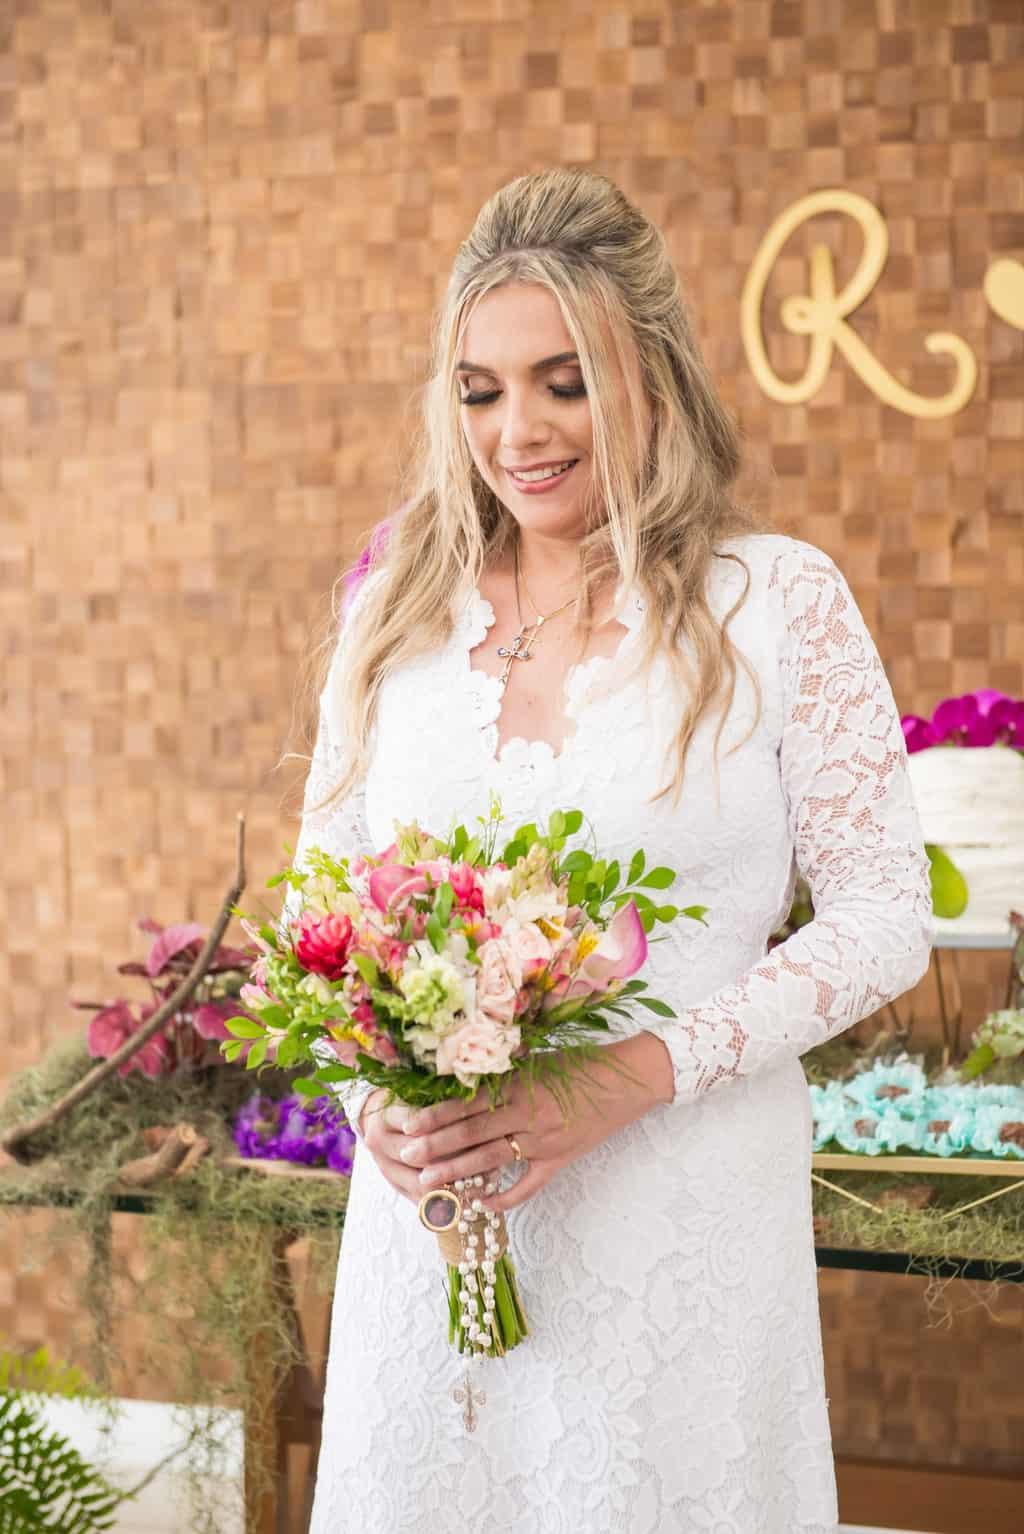 beleza-da-noiva-casamento-religioso-Casamento-Roberta-e-Angelo-Danielle-Loureiro161